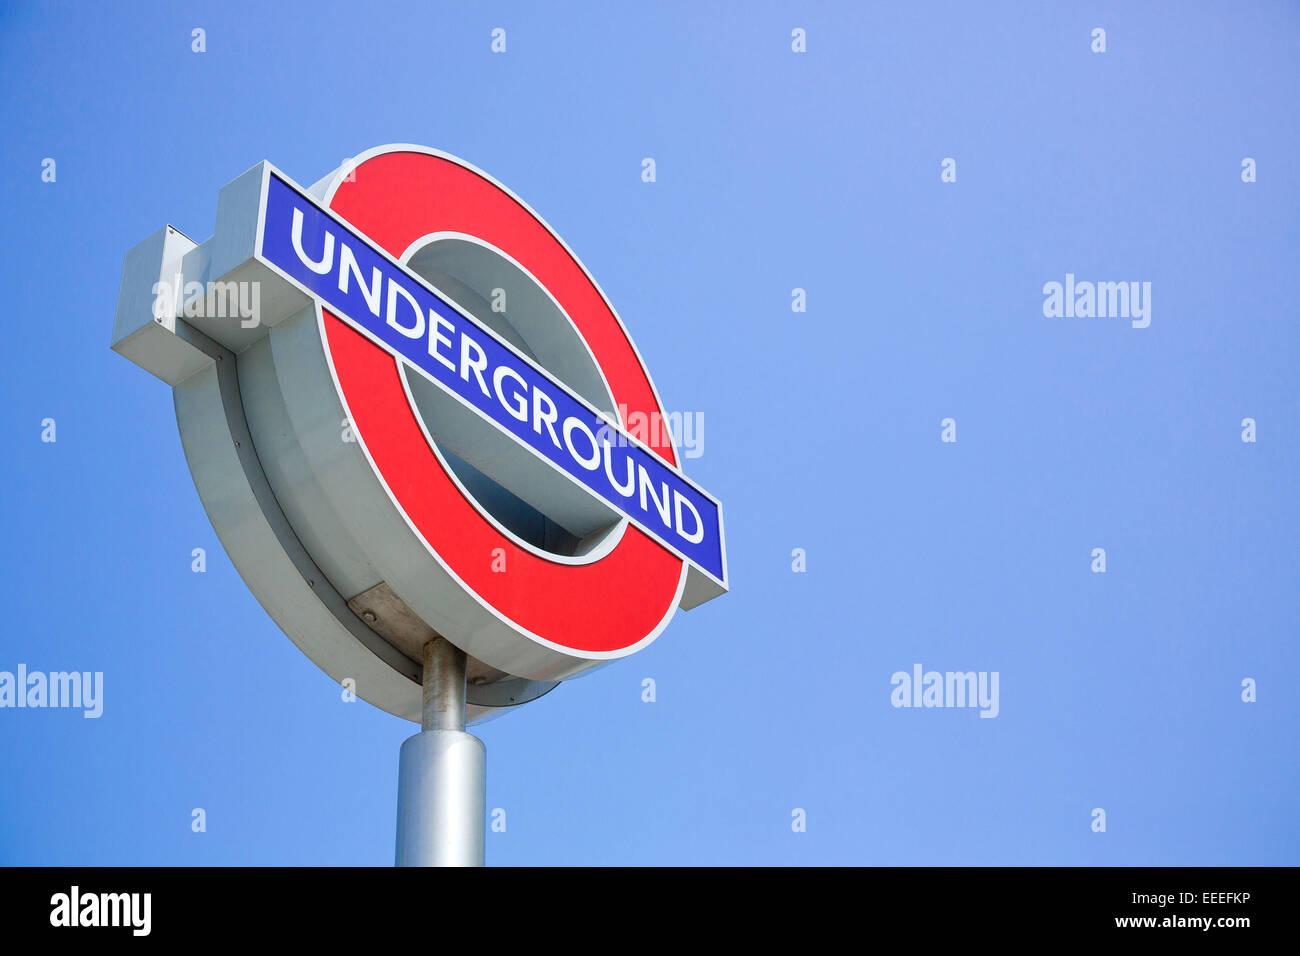 Signo de logotipo del Metro de Londres contra un cielo azul Imagen De Stock